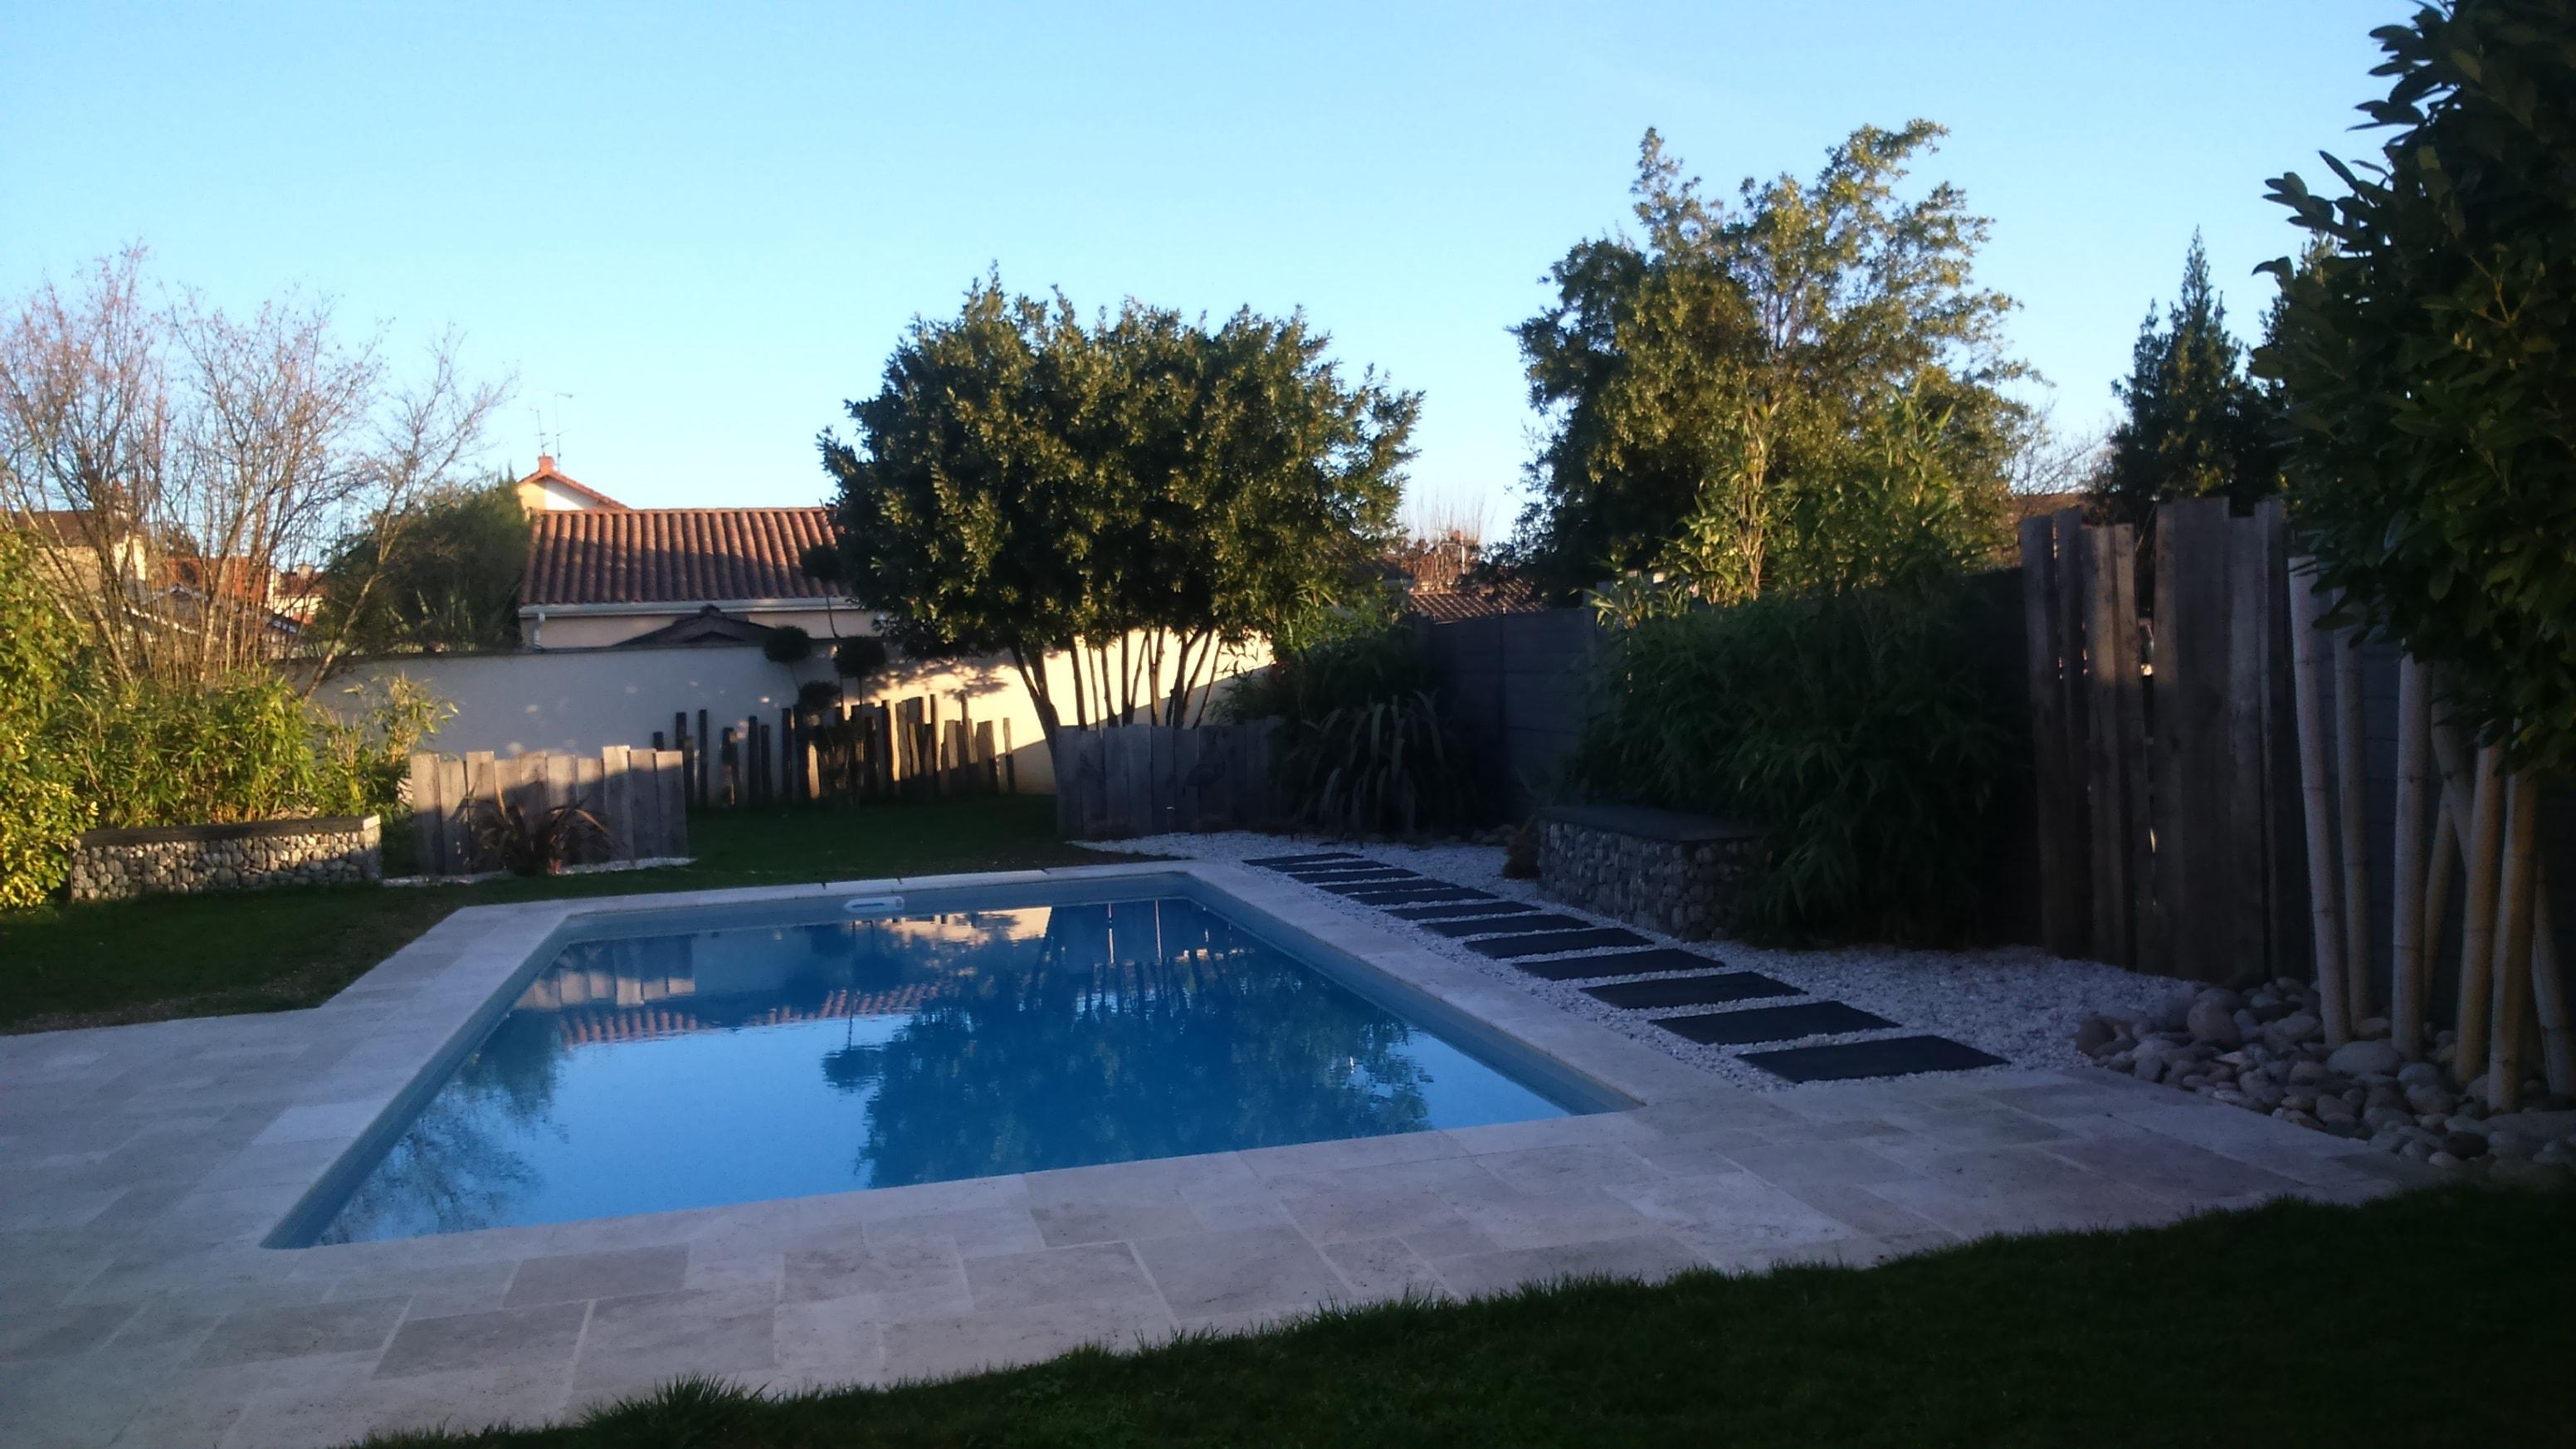 Piscine tendances planetepaysage planete paysage for Tendance piscine